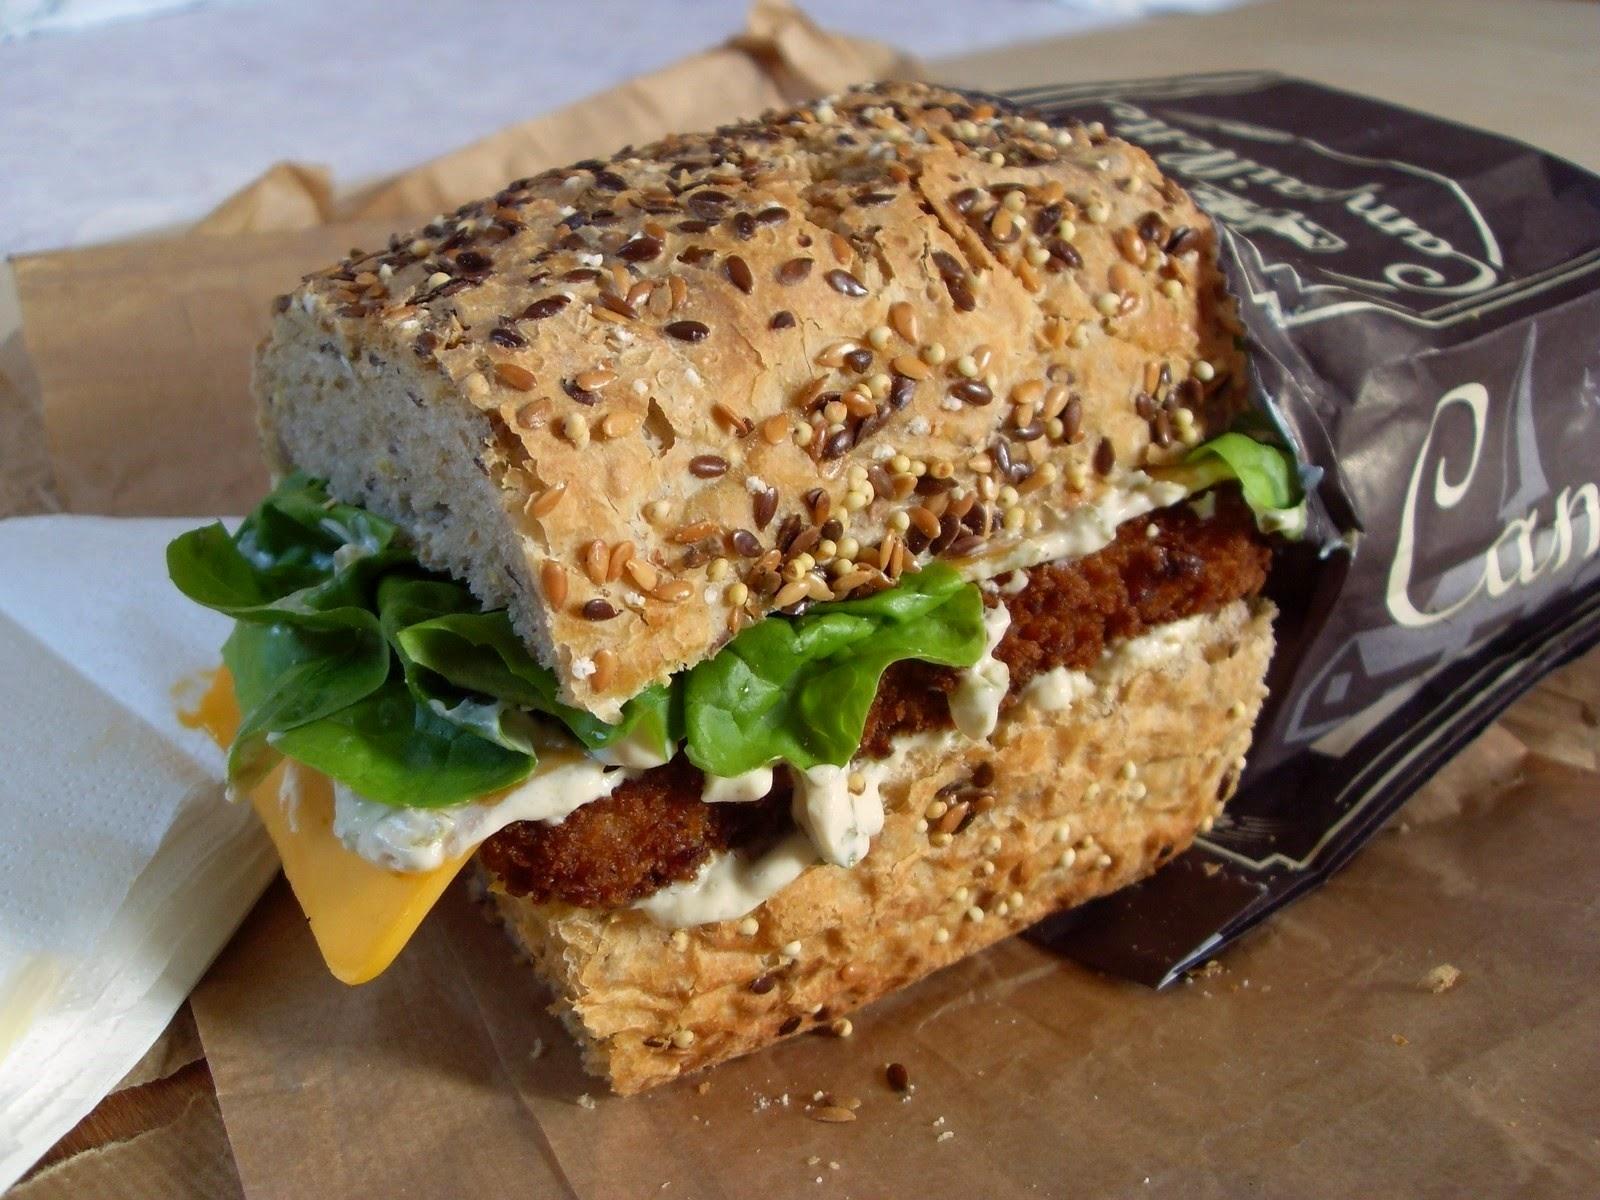 ma cuisine v g talienne sandwich aux b tonnets de poisson pan et la sauce tartare vegan. Black Bedroom Furniture Sets. Home Design Ideas